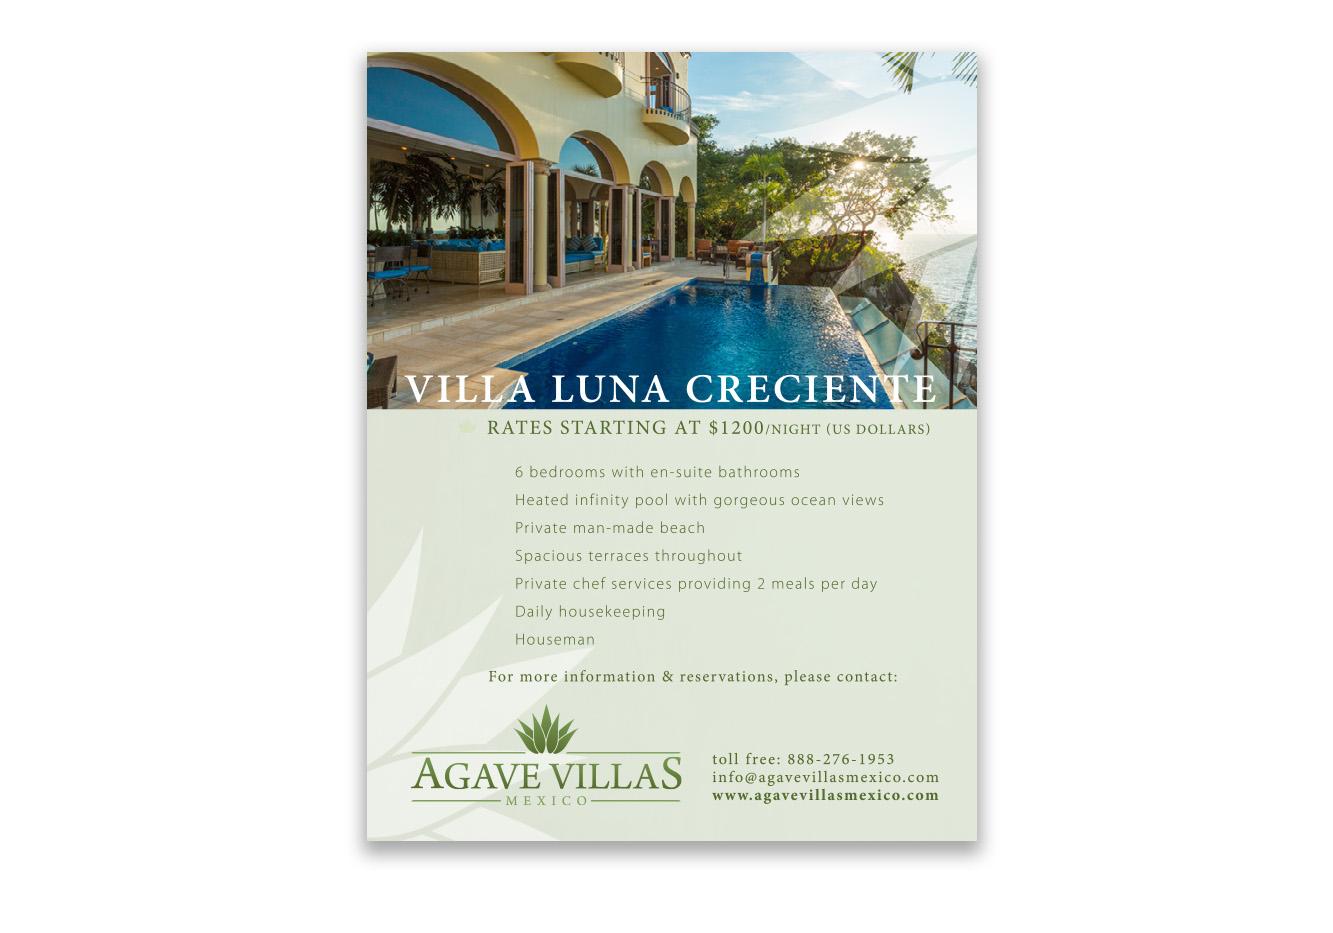 Agave-Villas-Mexico-villa-promo-sheet.jpg